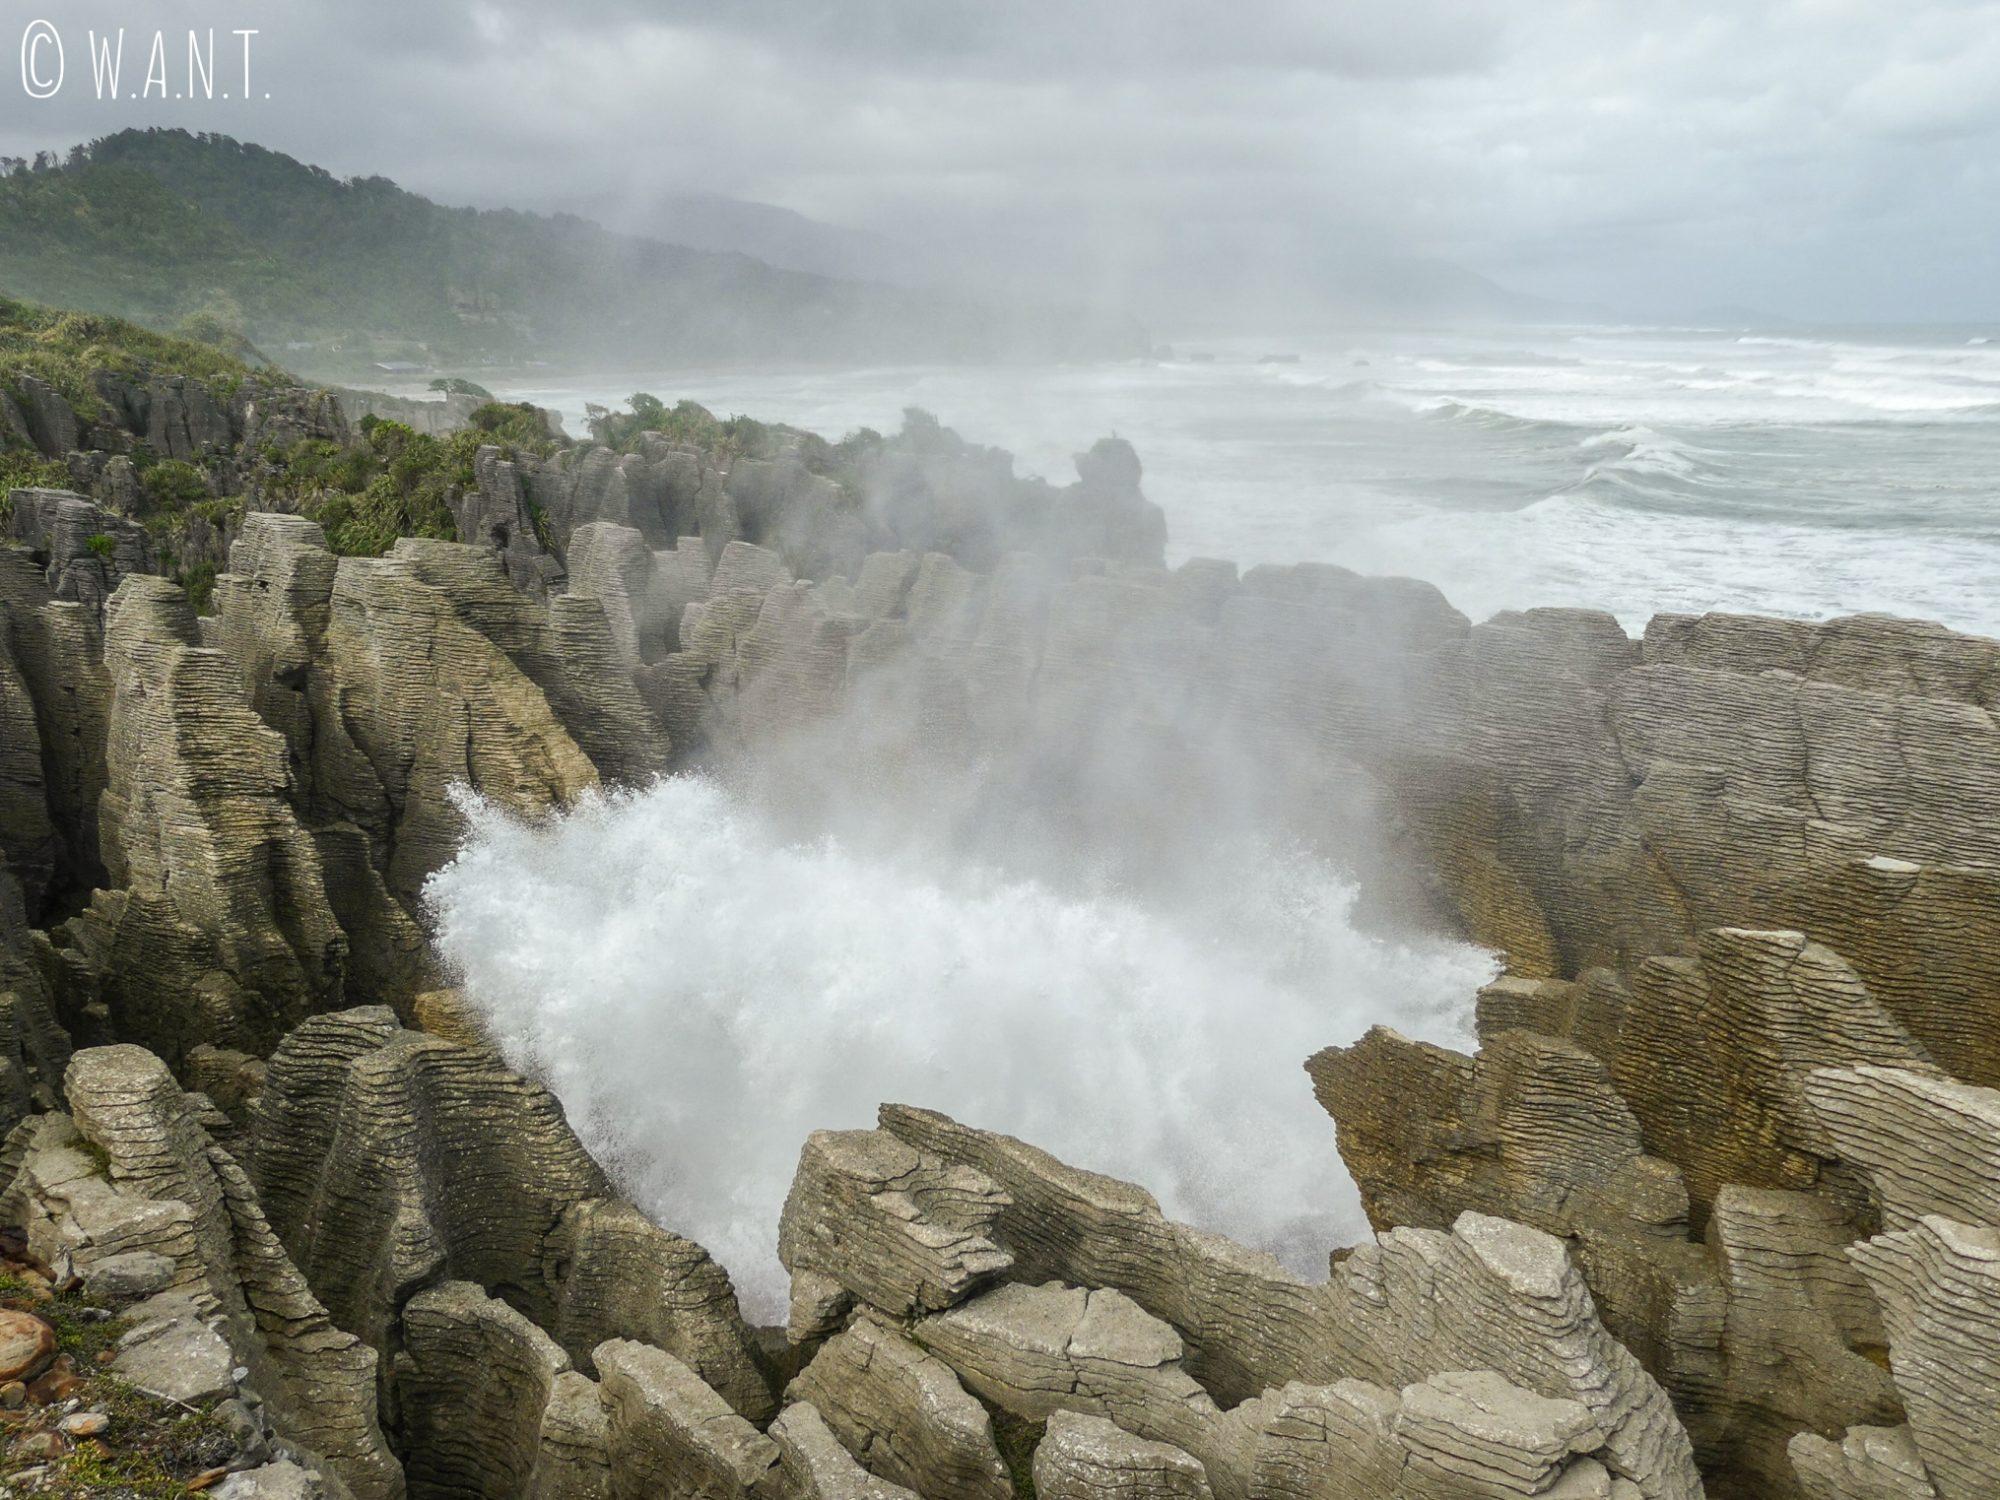 L'eau éclabousse les visiteurs qui observent ce phénomène depuis la plateforme d'observation des Pancake Rocks en Nouvelle-Zélande